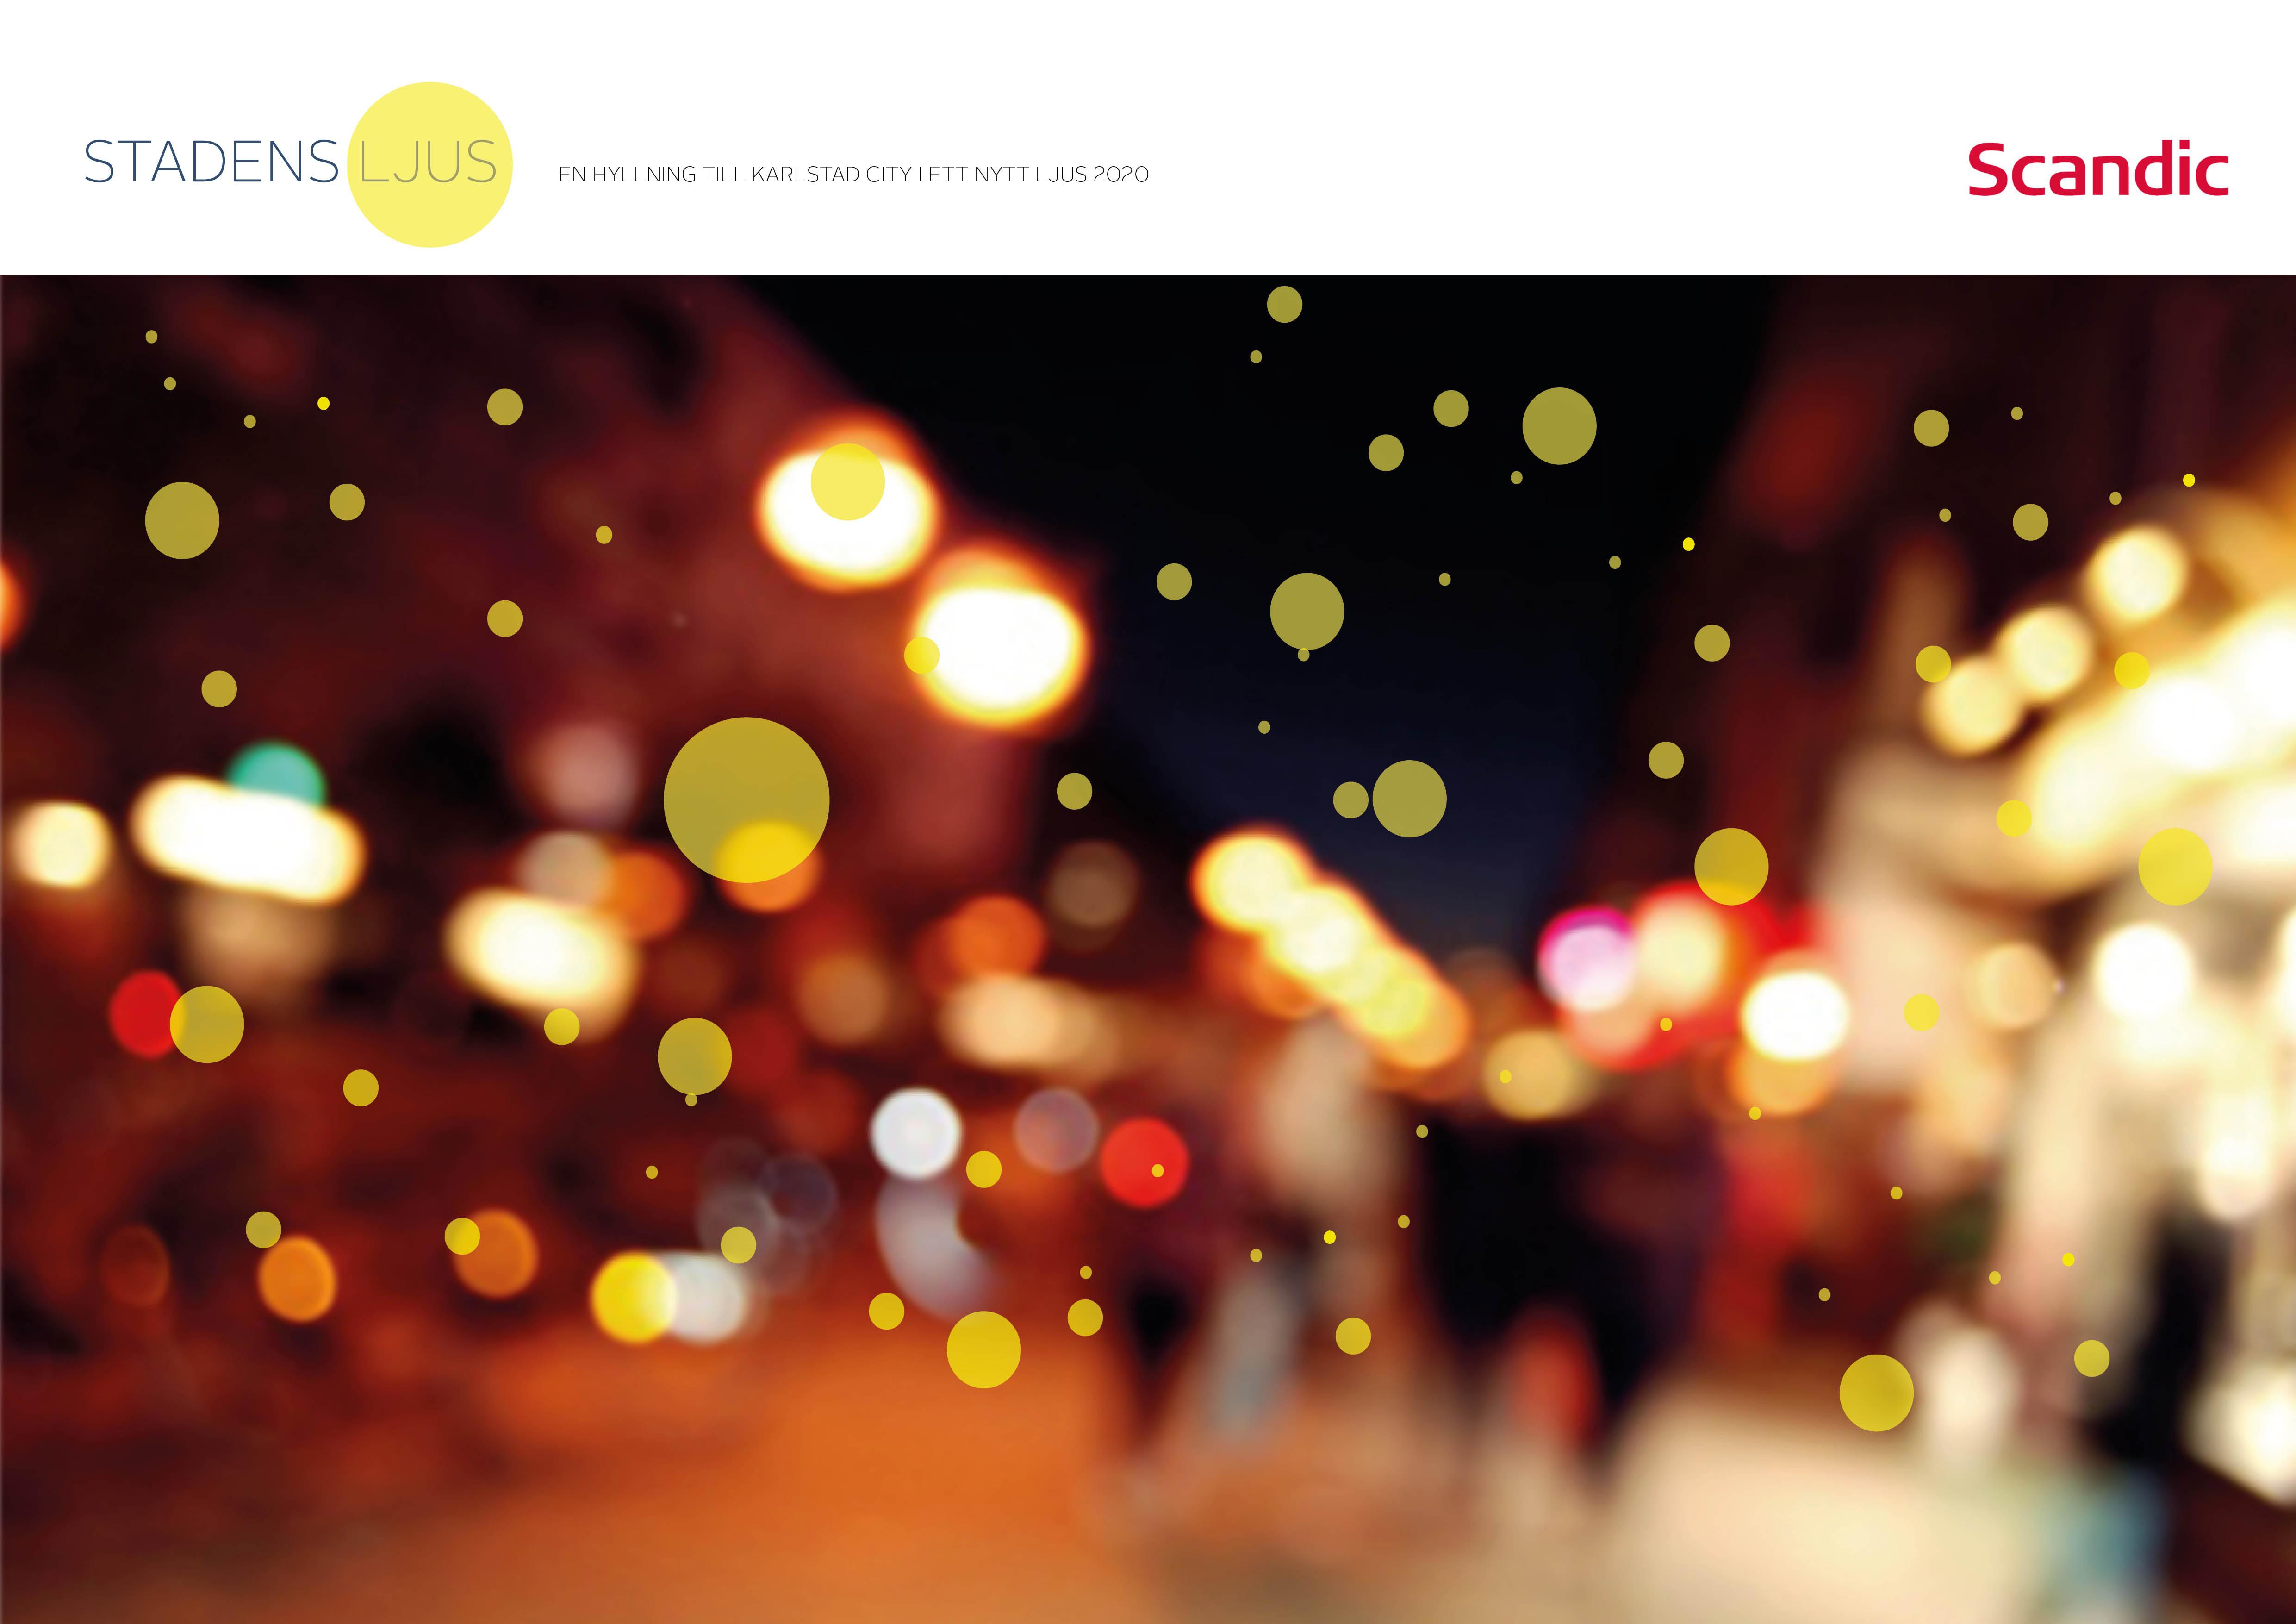 Scandic Karlstad City i ett nytt ljus 2020